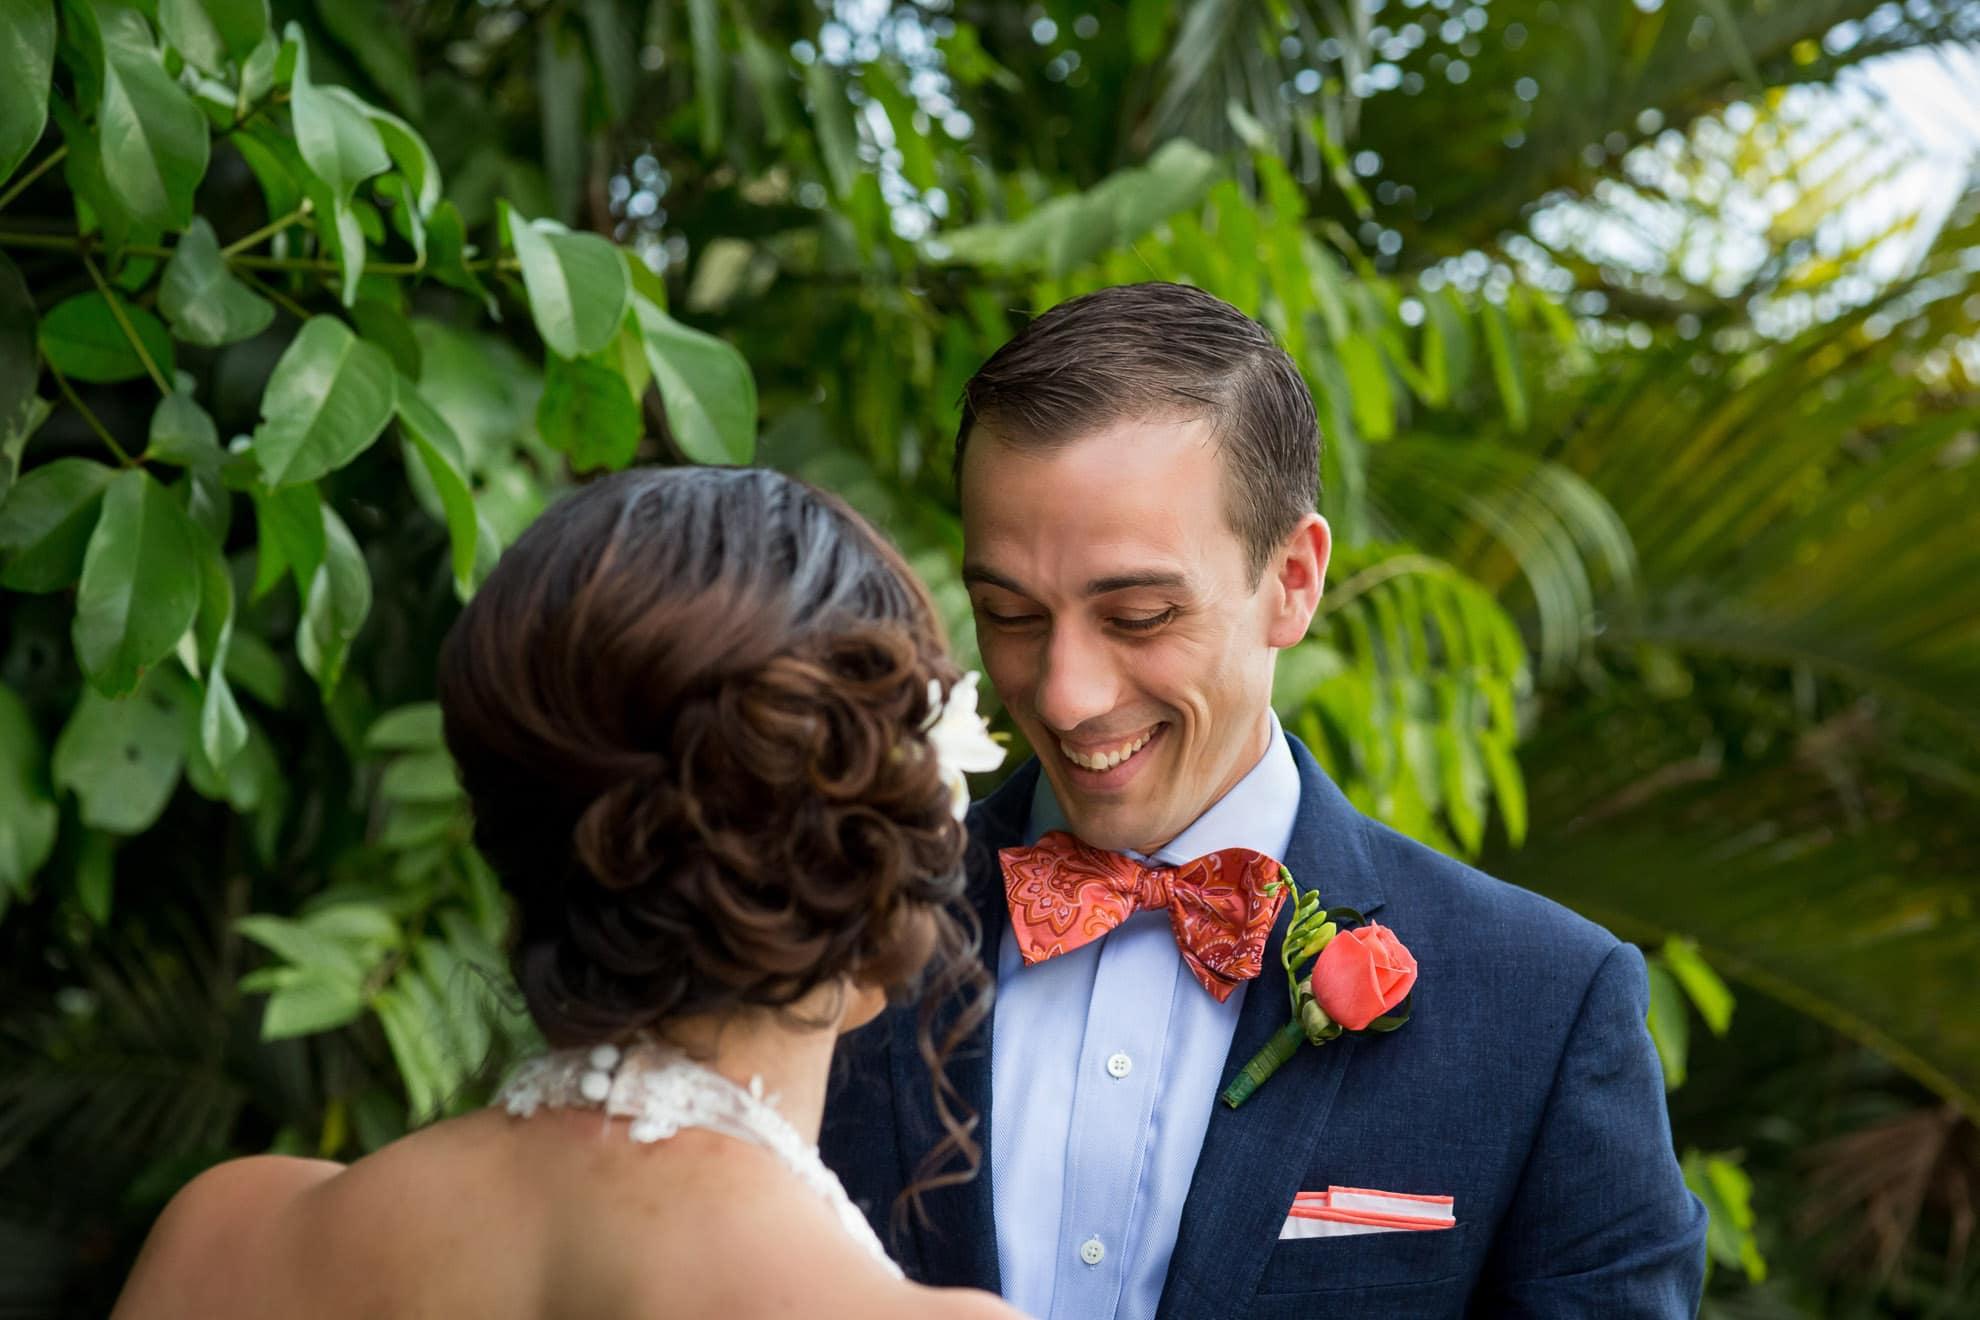 First look at destination garden wedding at Costa Verde